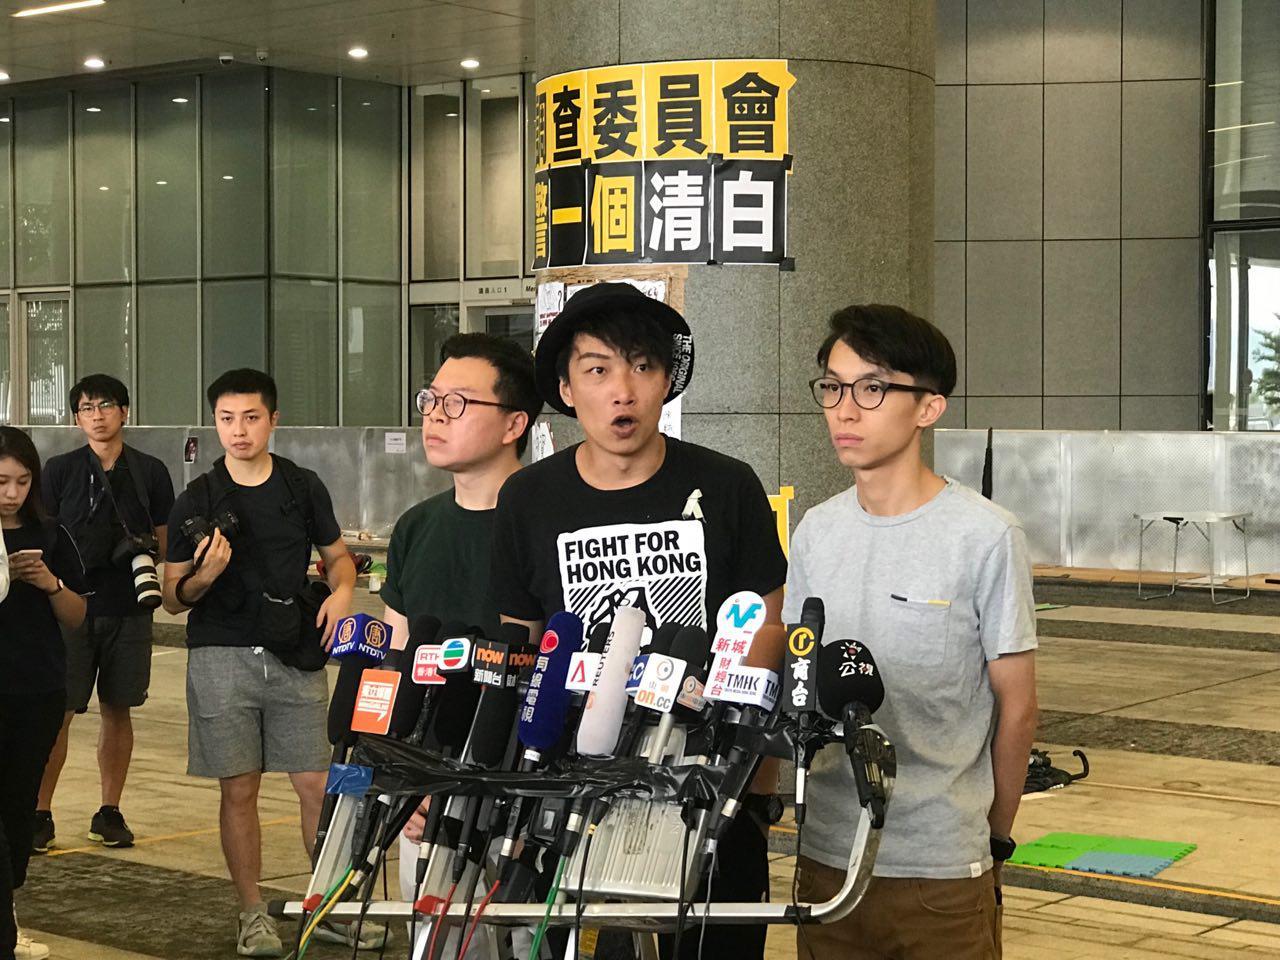 日本大阪二十國集團峰會前夕,民陣集會表訴求,促國際社會施壓港府。(蔡雯文/大紀元)